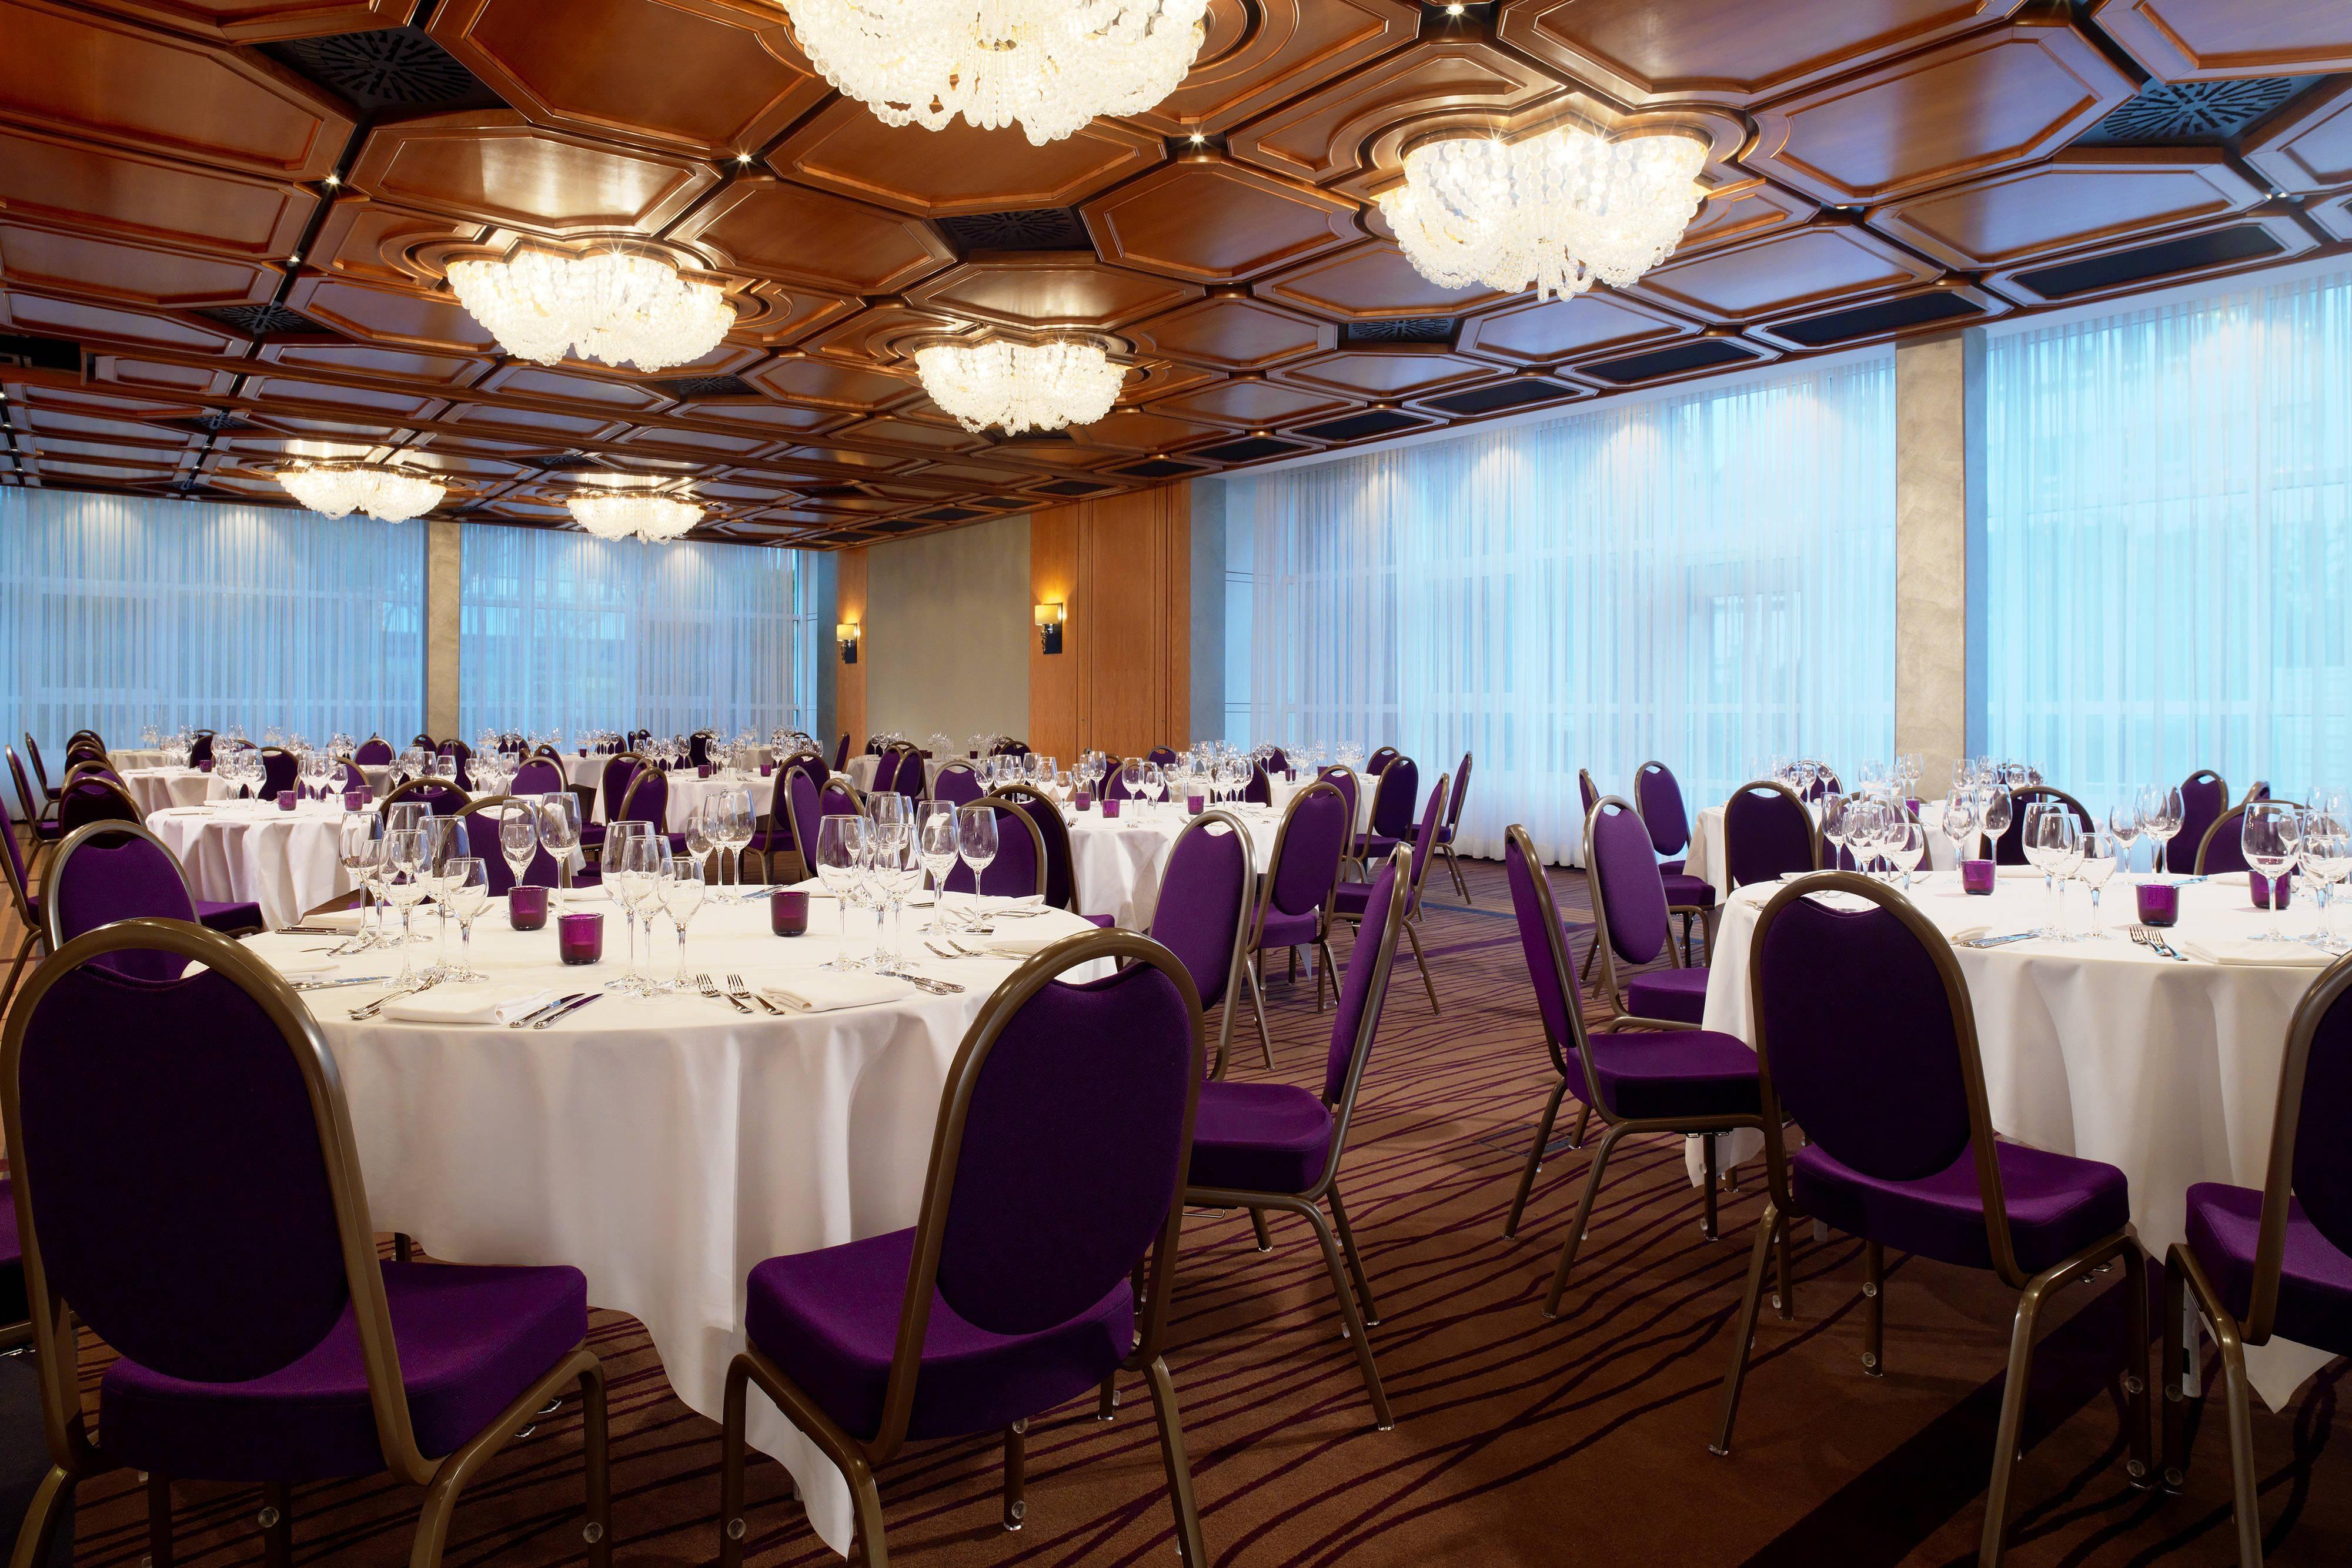 Banquete en la sala para reuniones Asam